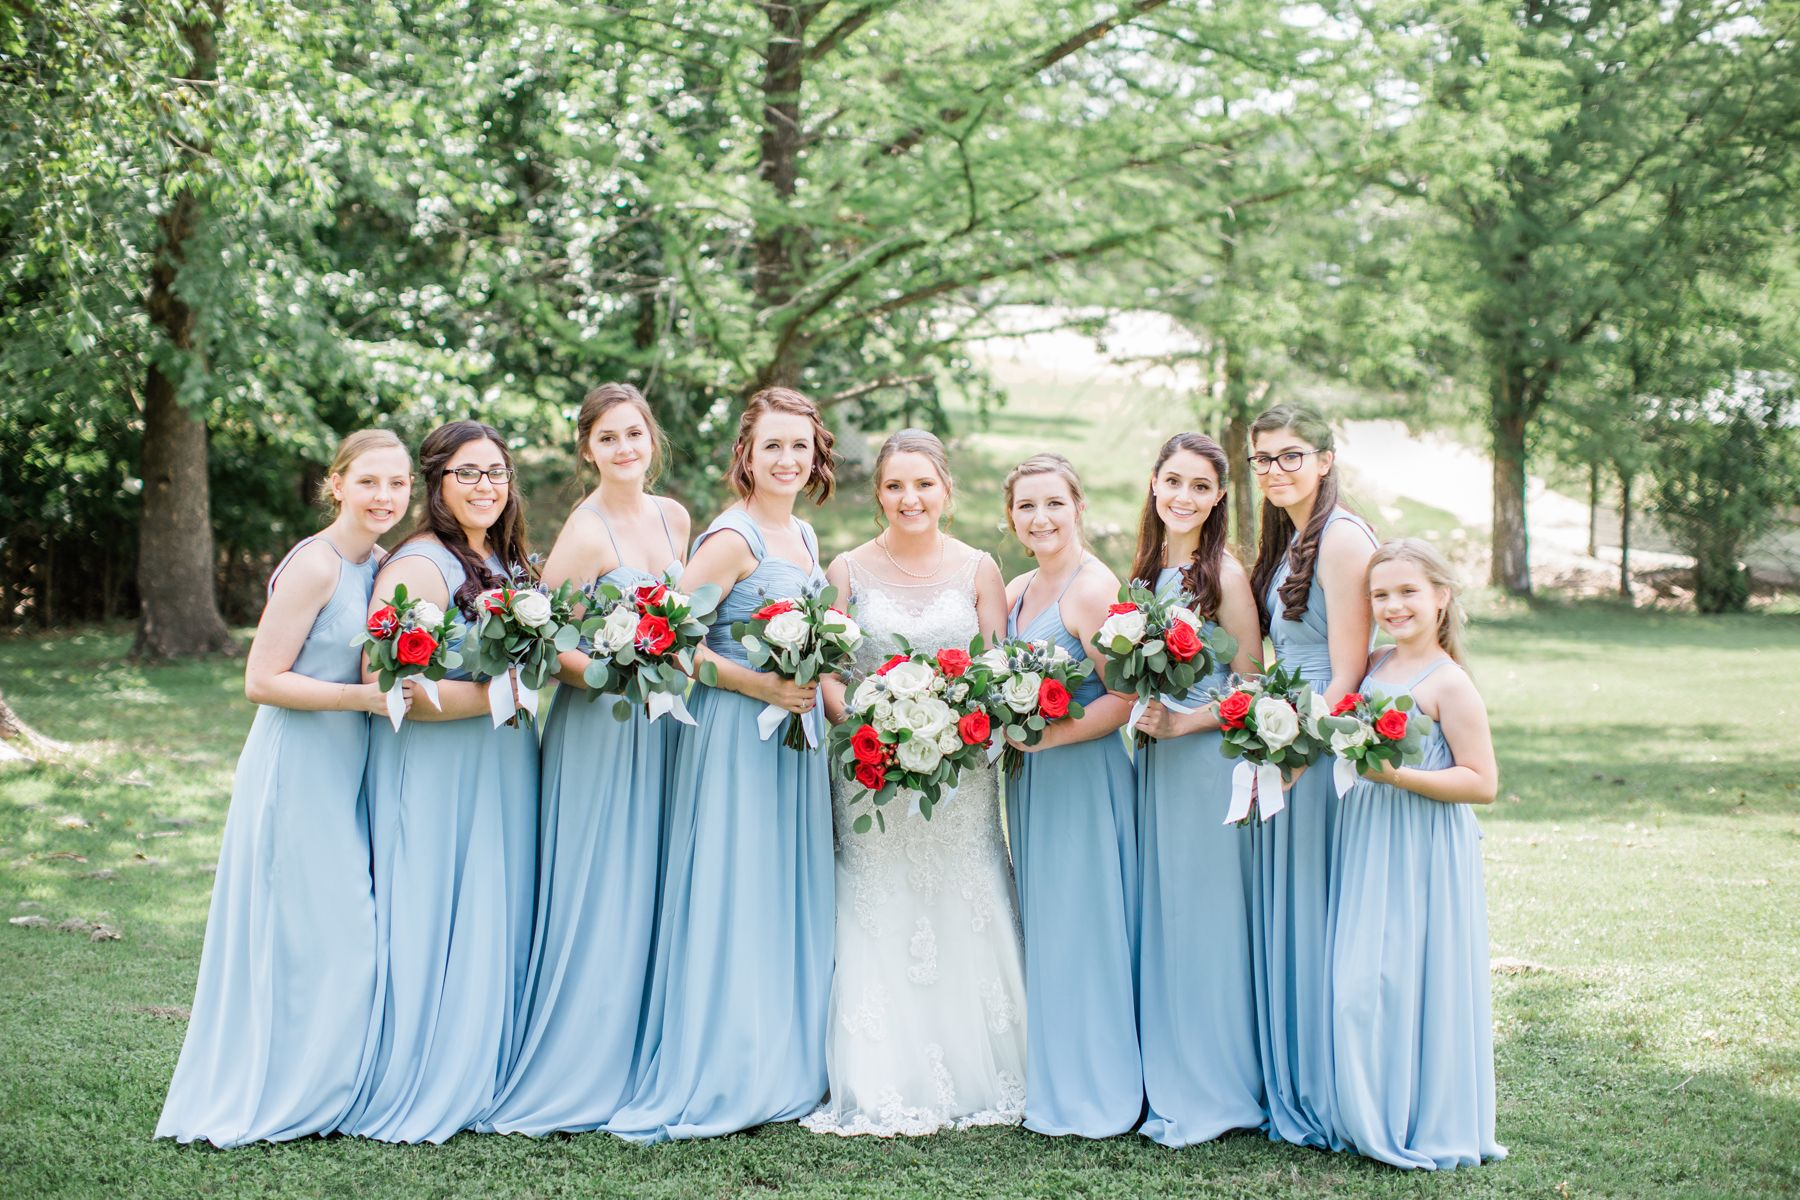 5ab1ae22823 Red White and Blue Summer Wedding - Elizabeth Anne Designs  The Wedding Blog